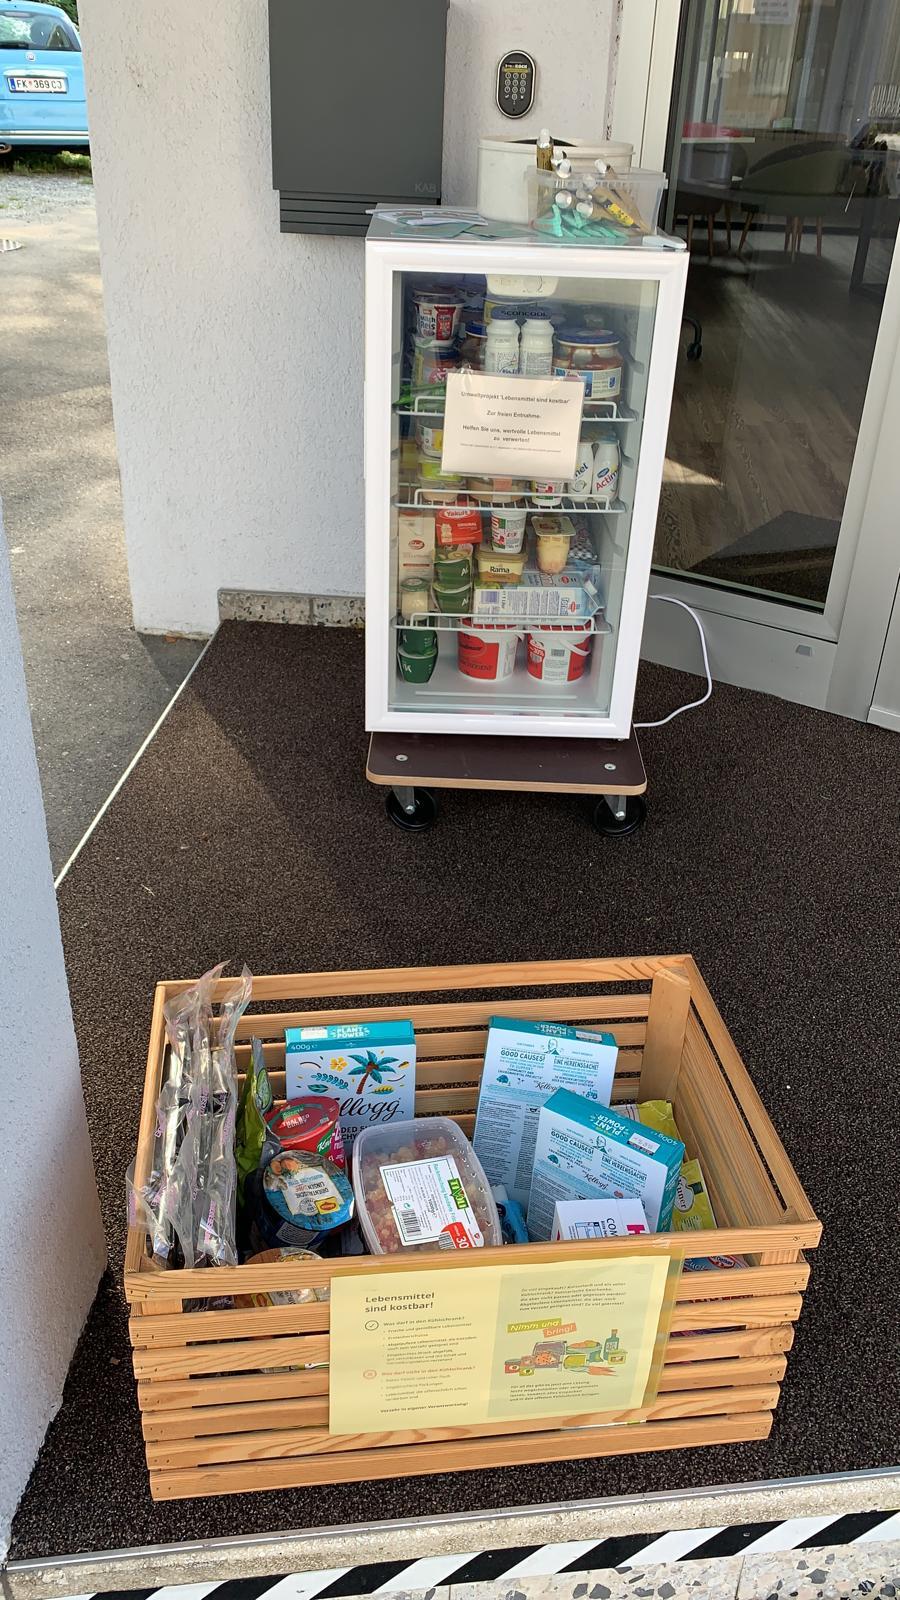 Foto offener Kühlschrank und Holzkiste mit Lebensmitteln